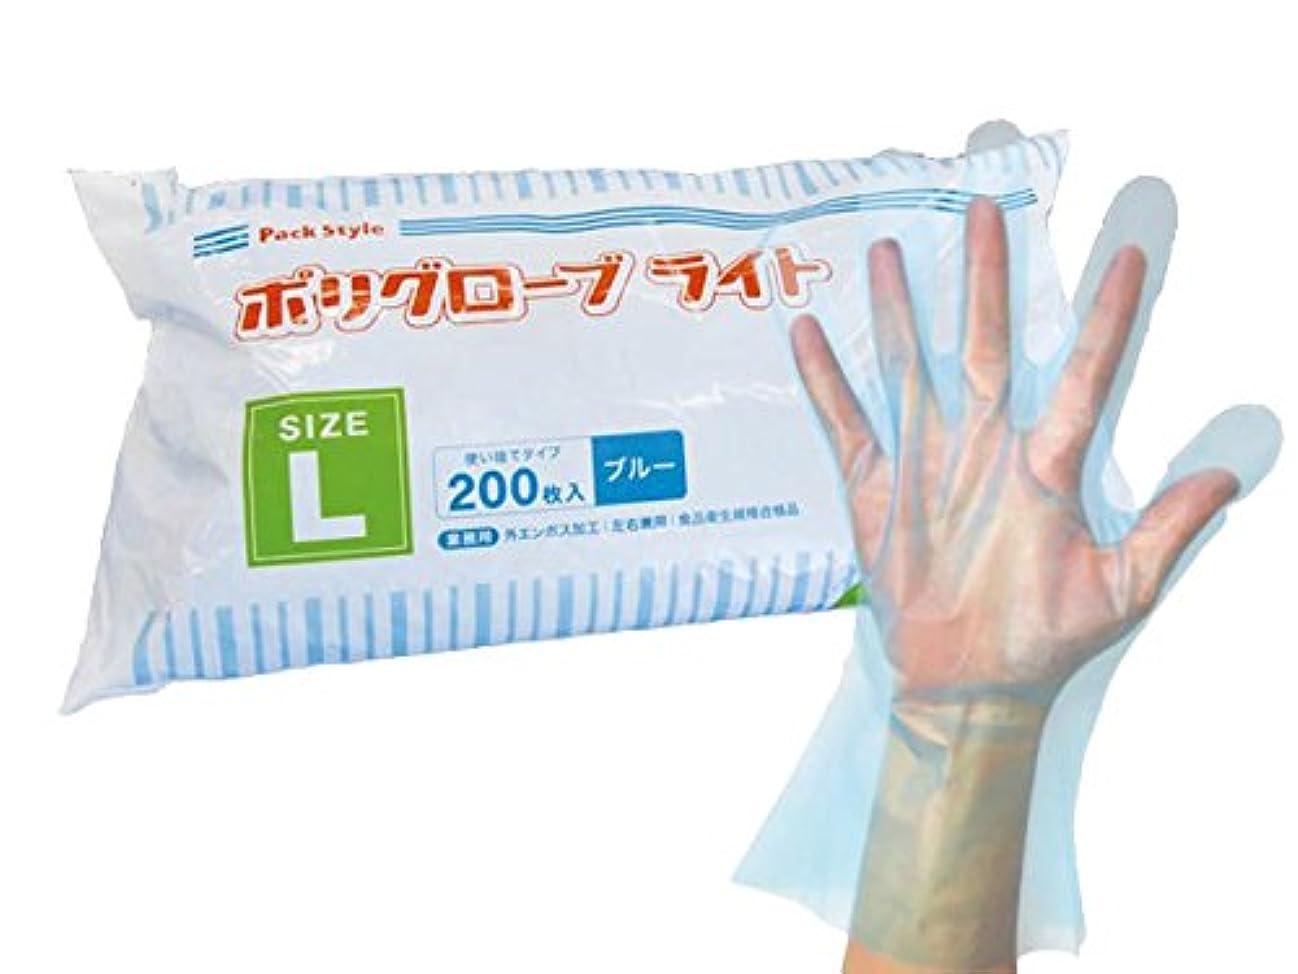 保持する短くする賞賛パックスタイル 使い捨て ポリ手袋 ポリグローブライト ブルー 袋入 SS 6000枚 00555009